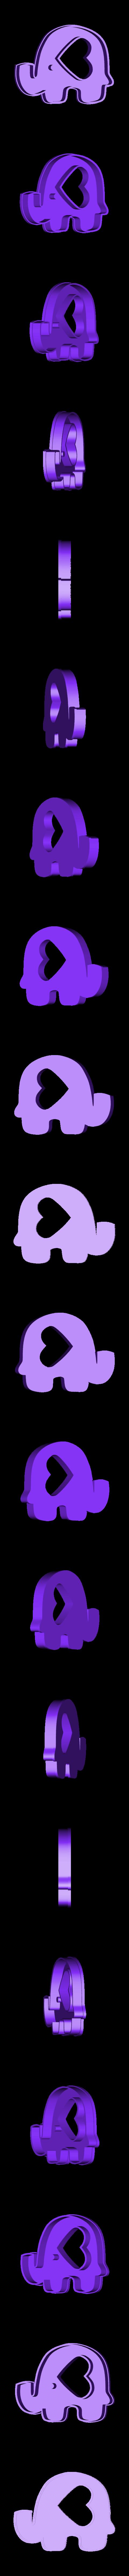 FANTO v1.stl Télécharger fichier STL gratuit l'emporte-pièce éléphant • Design à imprimer en 3D, memy_ironmaiden